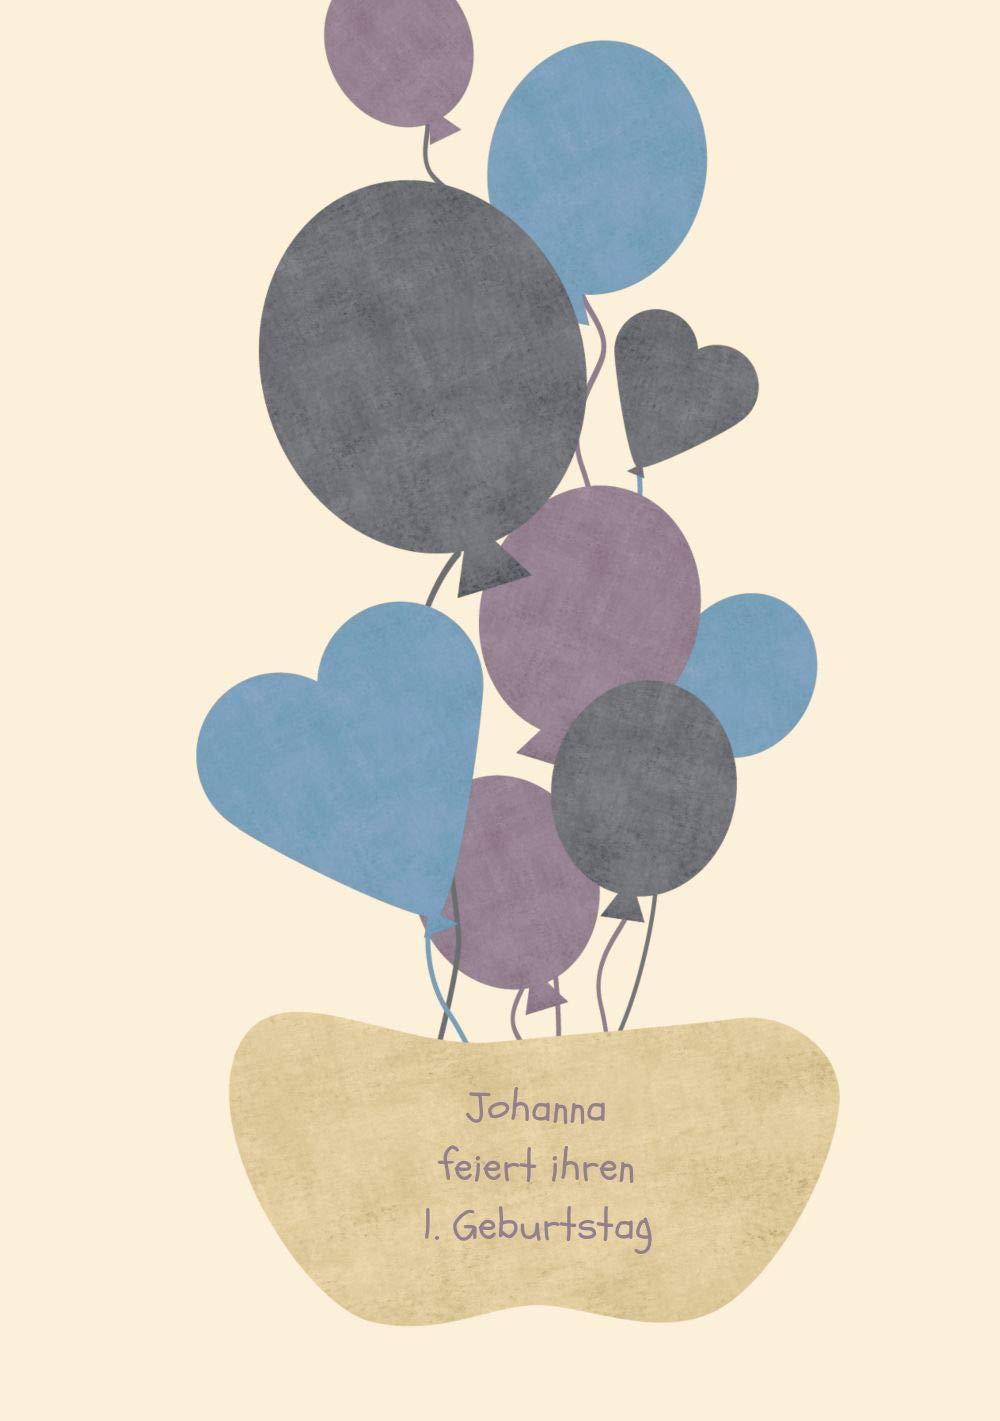 Einladung Foto Foto Foto Airballoons, 20 Karten, MattGelb B07L132YW4 | Schön und charmant  | Schön geformt  | Neuankömmling  1638b7